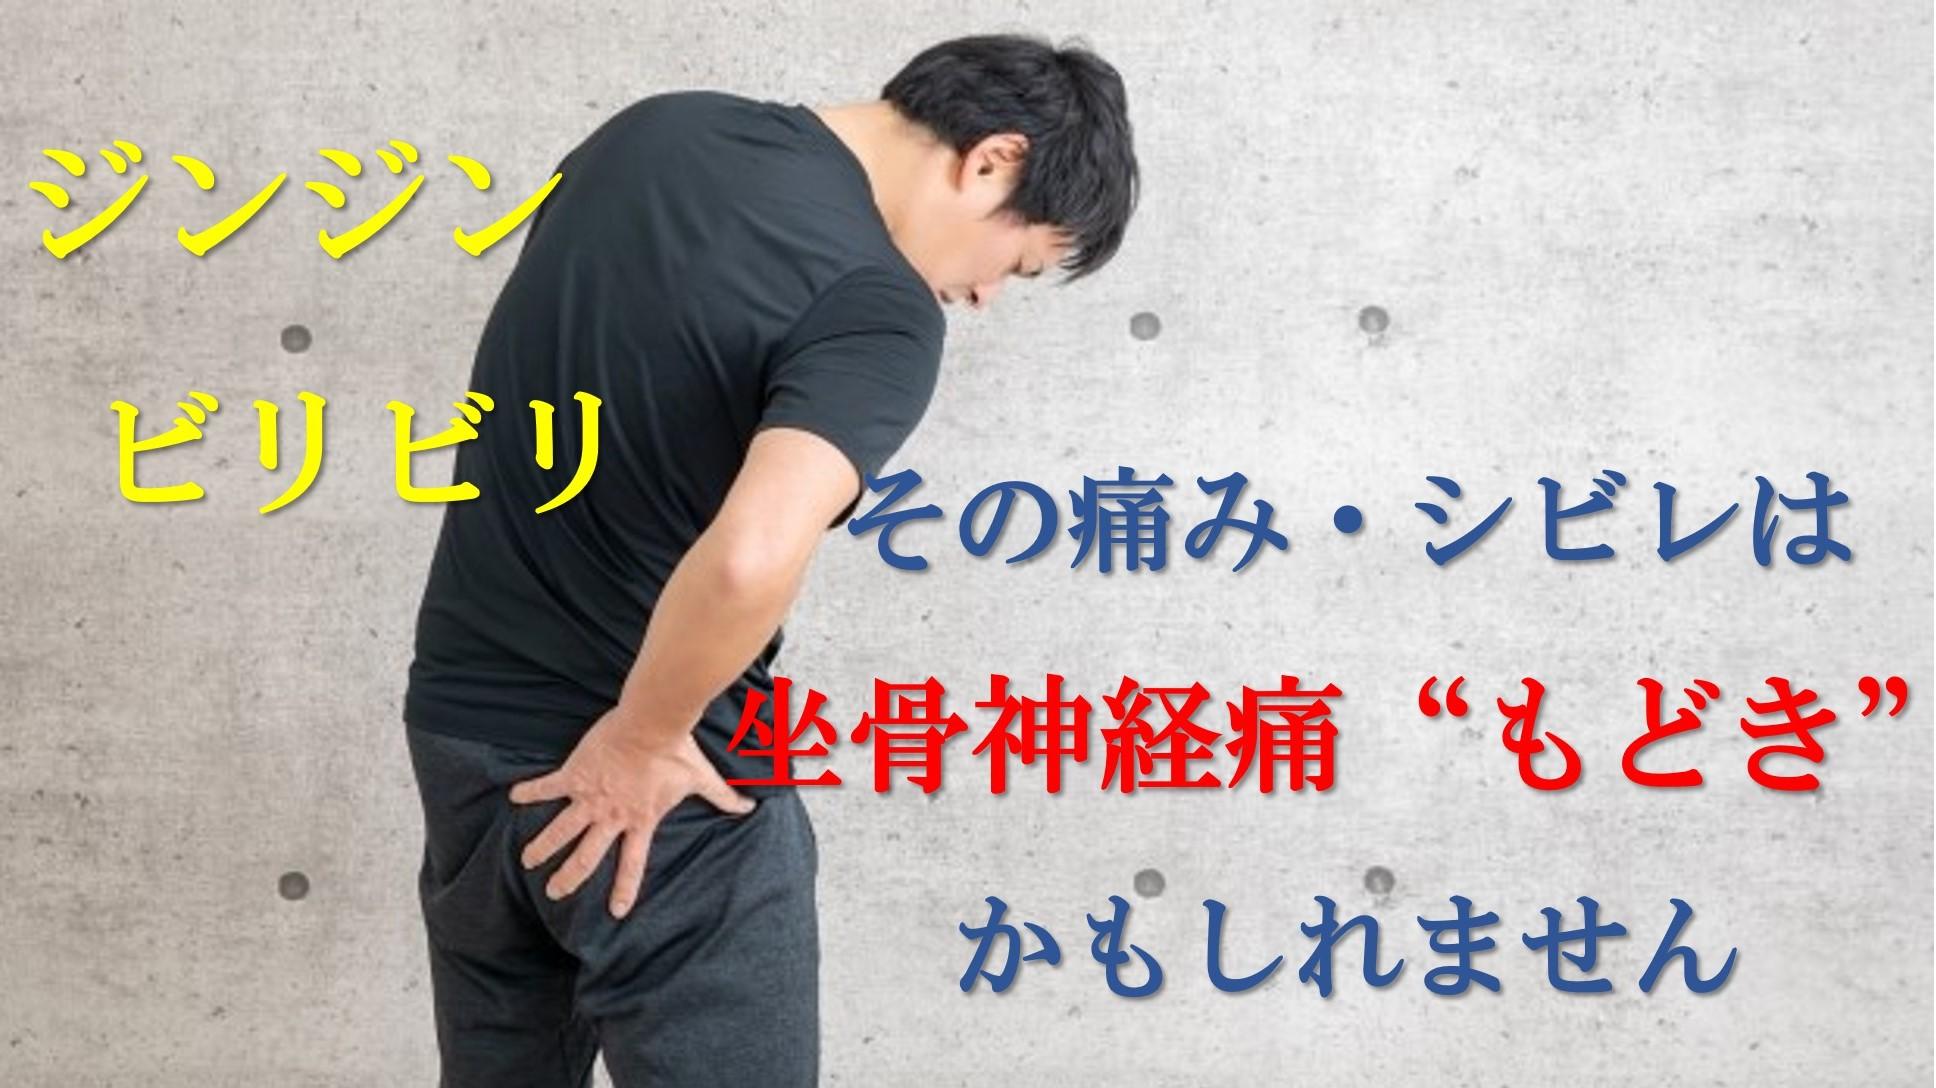 堺市で坐骨神経痛といえばタニダ鍼灸治療院